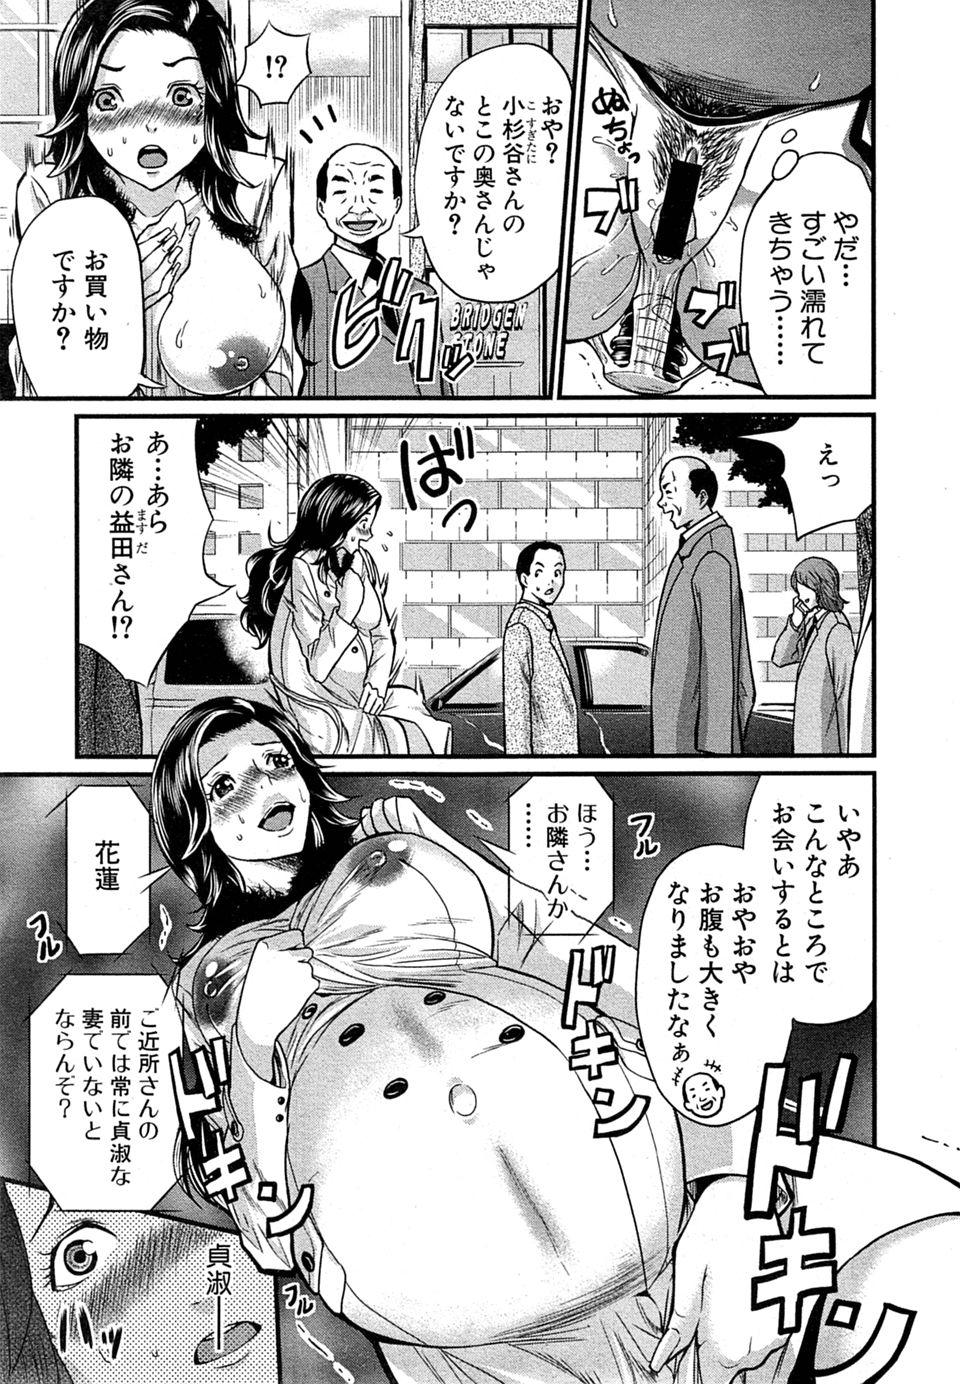 【エロ漫画・エロ同人】巨乳妊婦の妻を調教しまくる旦那www (5)